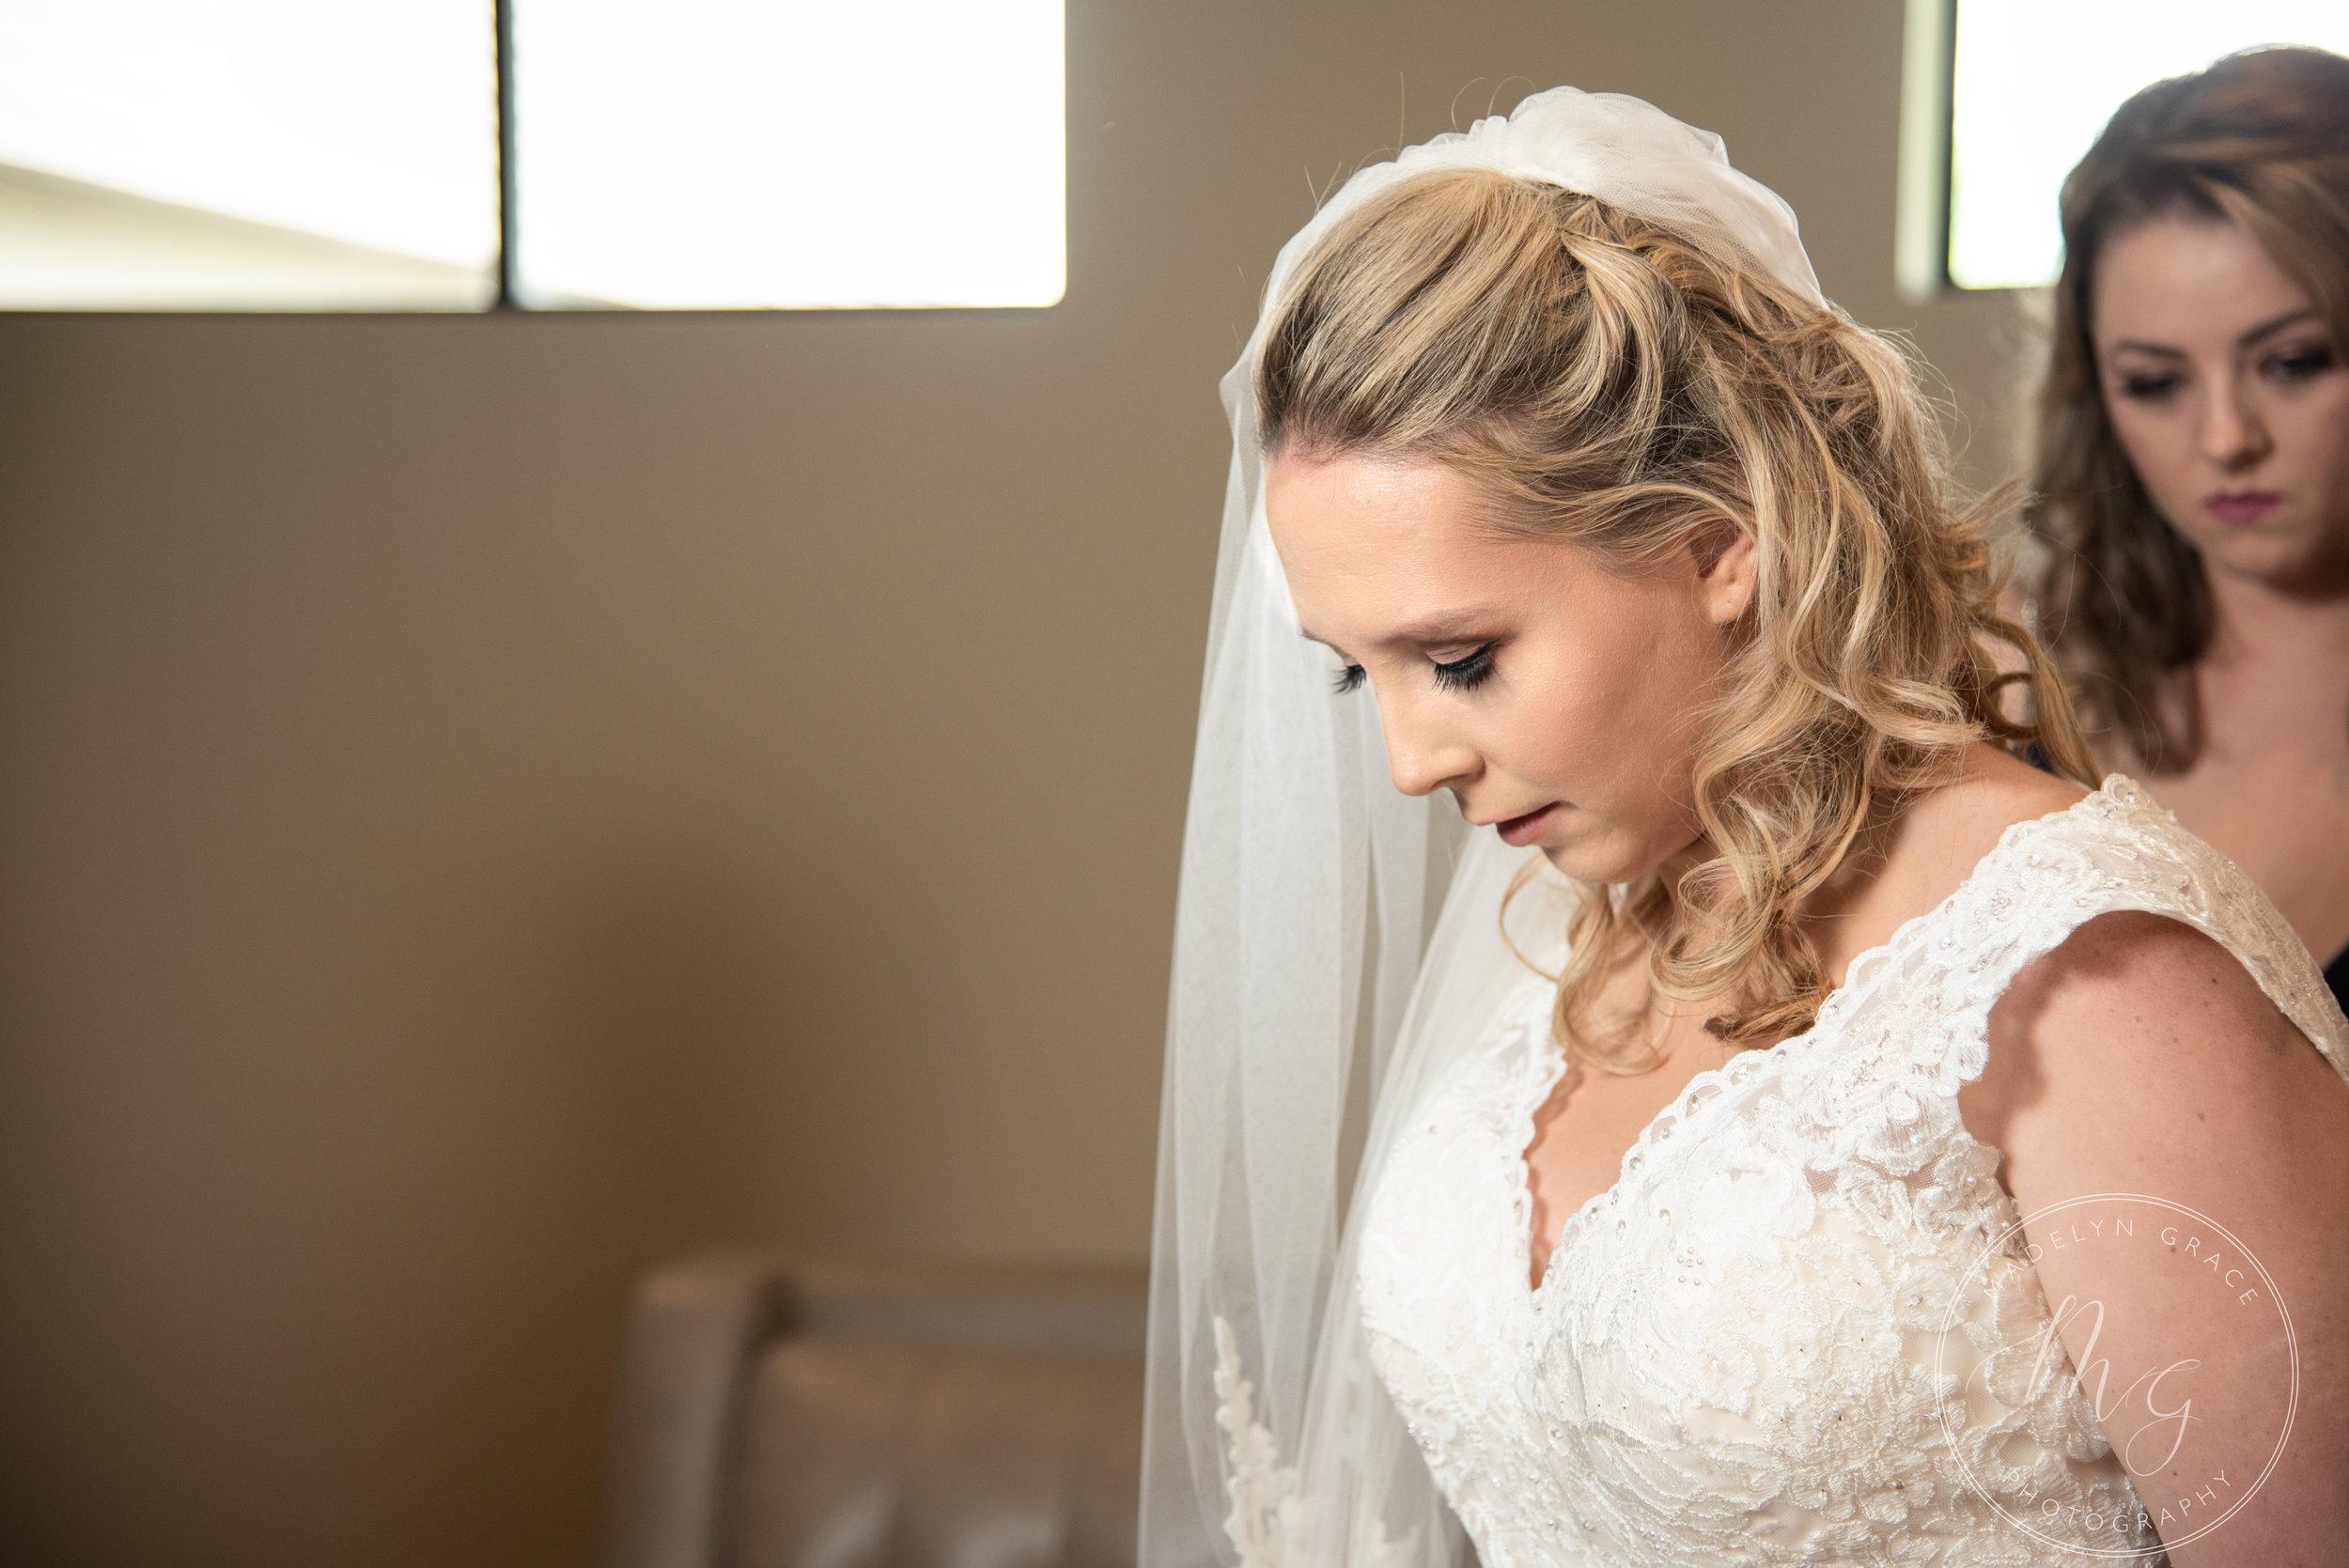 madelyn_grace_photogaphy_carey_dean_wedding_edgewood_country_club_commerce_mi.jpg